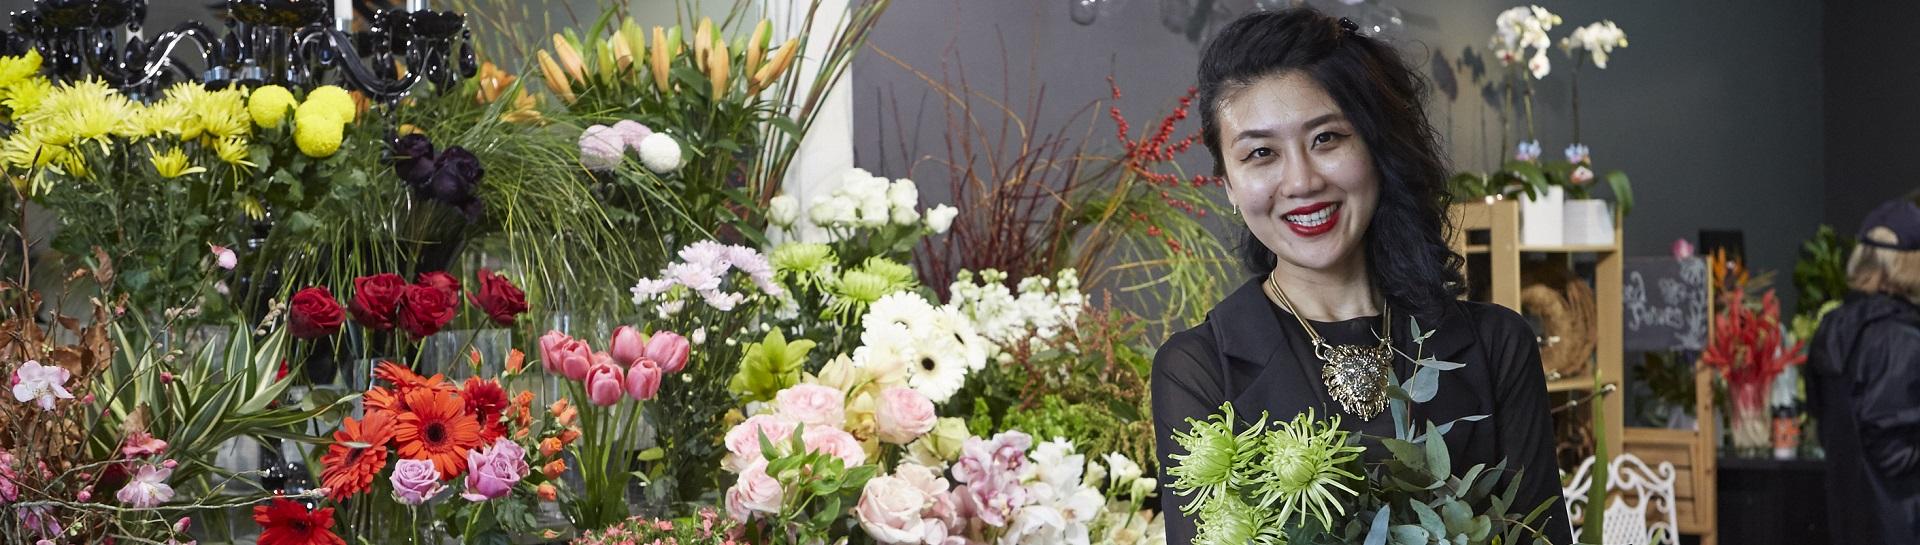 Iain-Stephens-Floral-1920x545-2